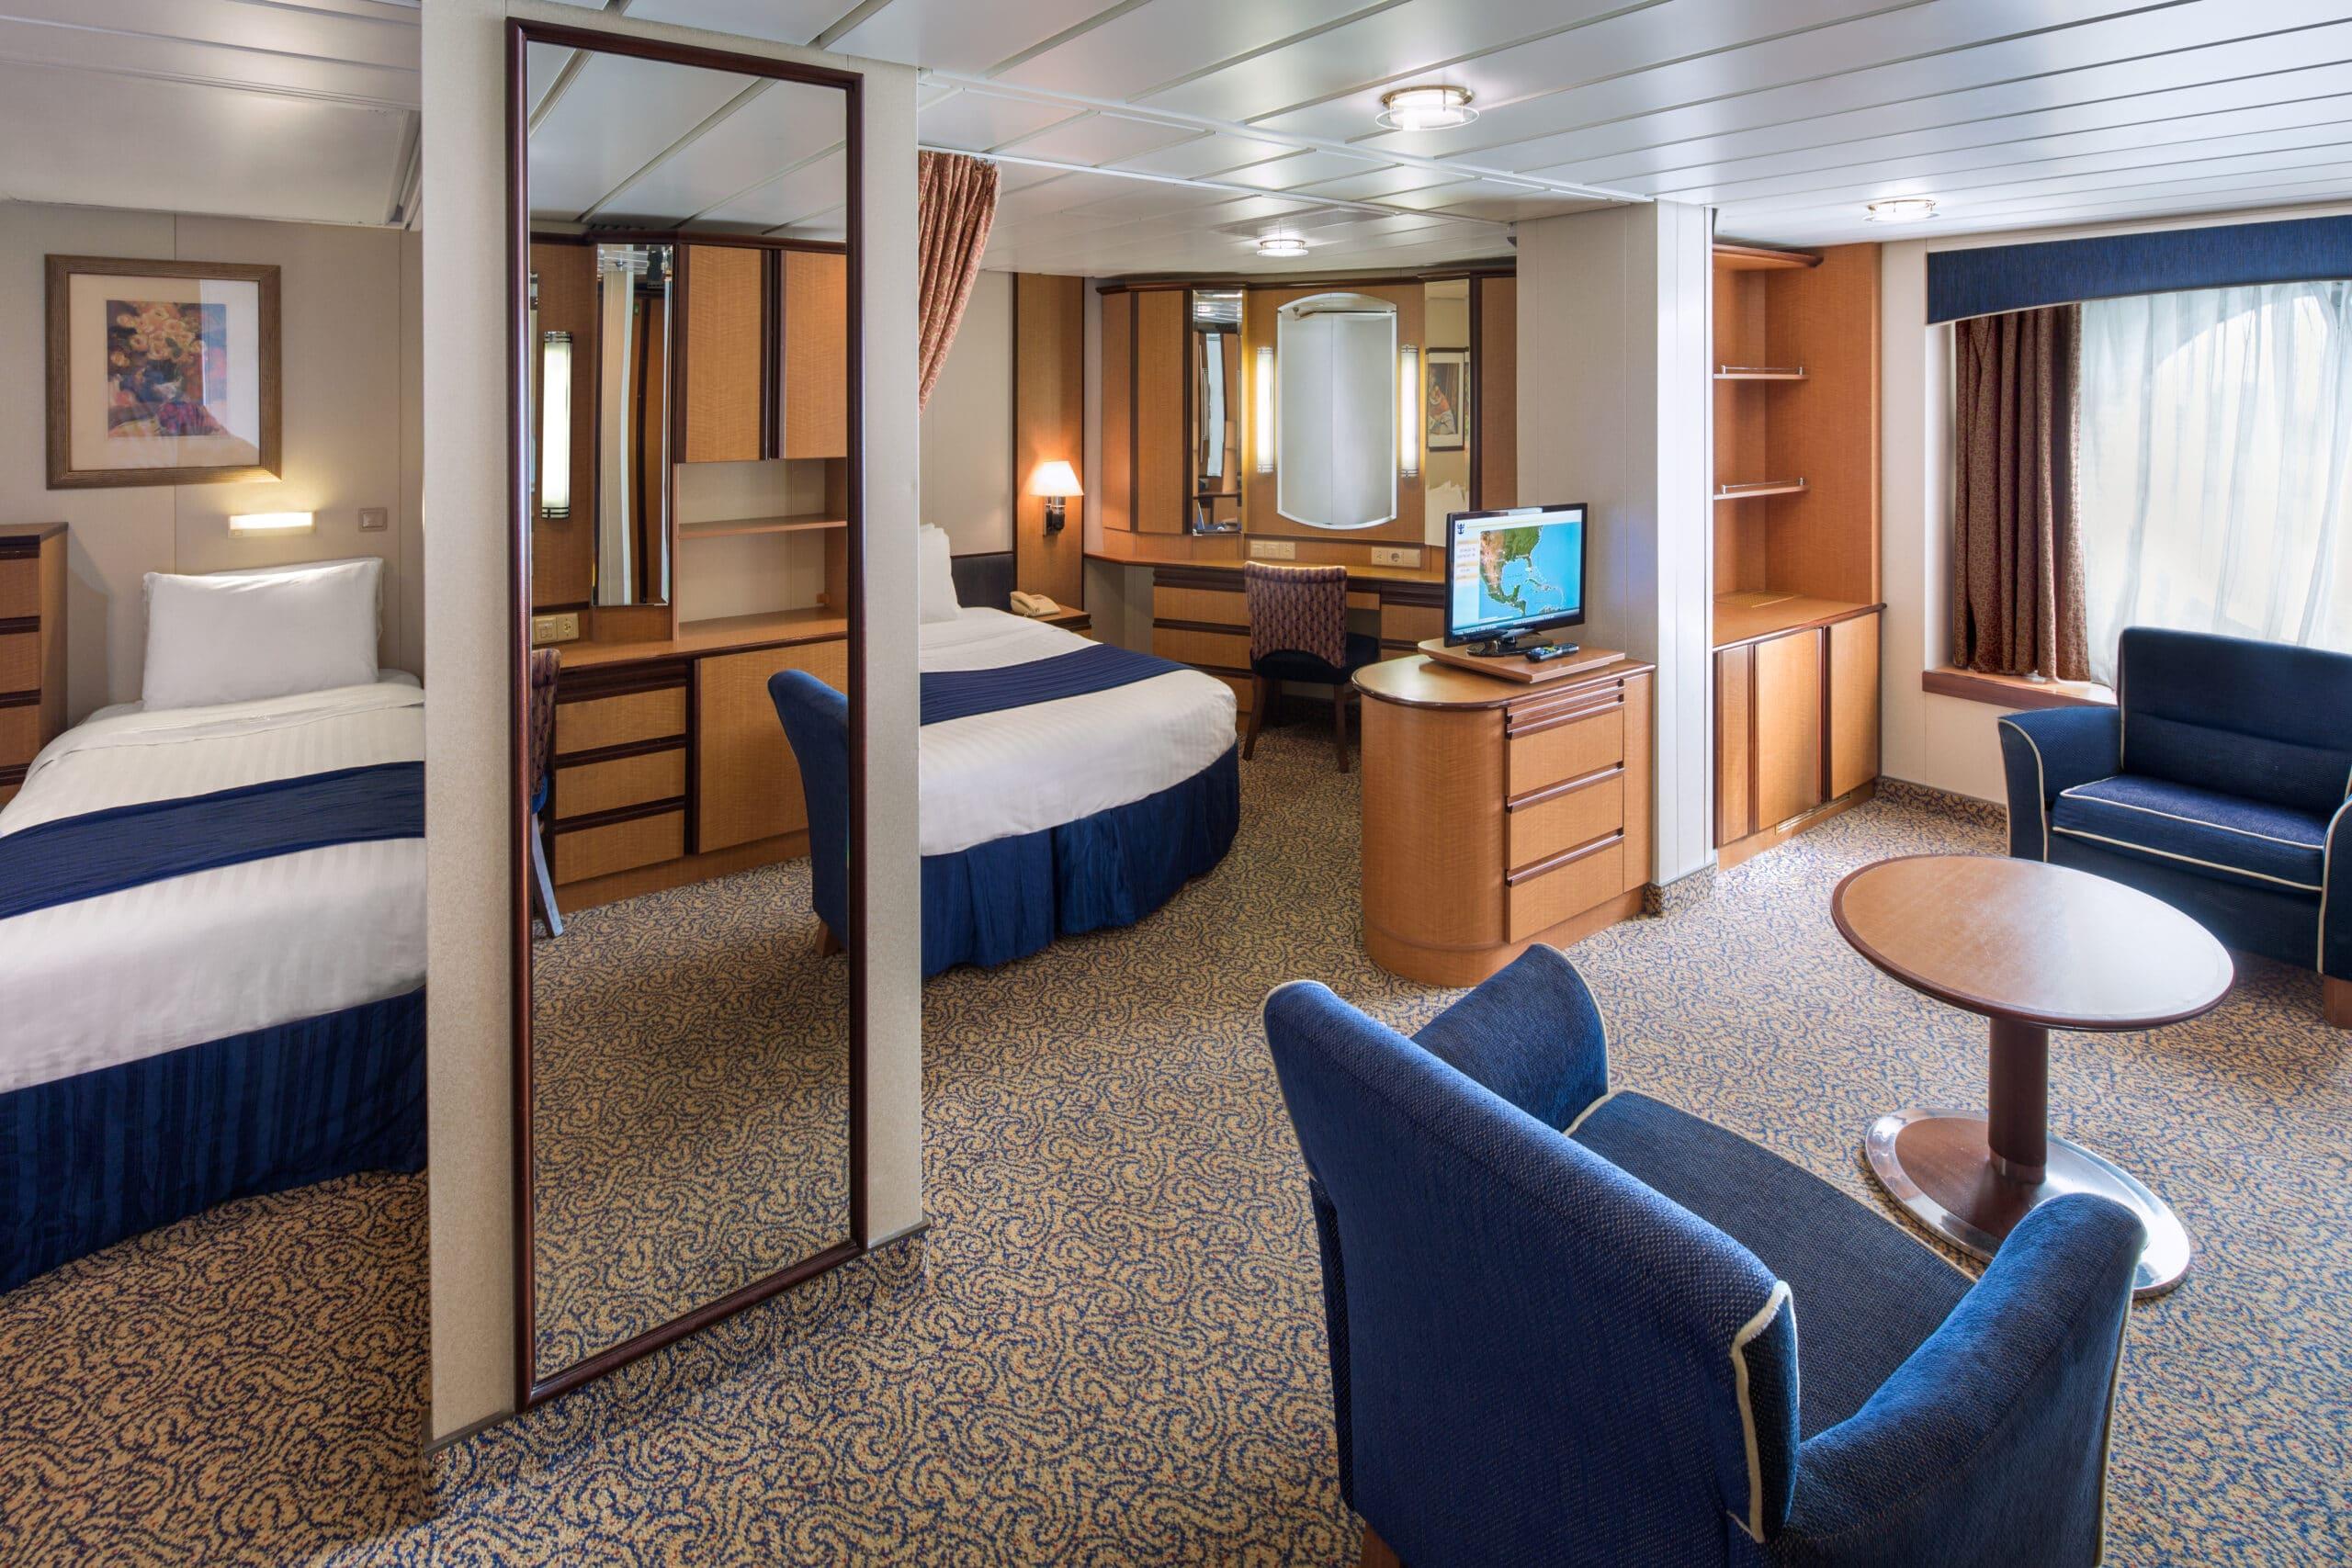 Royal-Caribbean-International-Serenade-of-the-Seas-schip-cruiseschip-categorie-1K-Ultra-grote-buitenhut